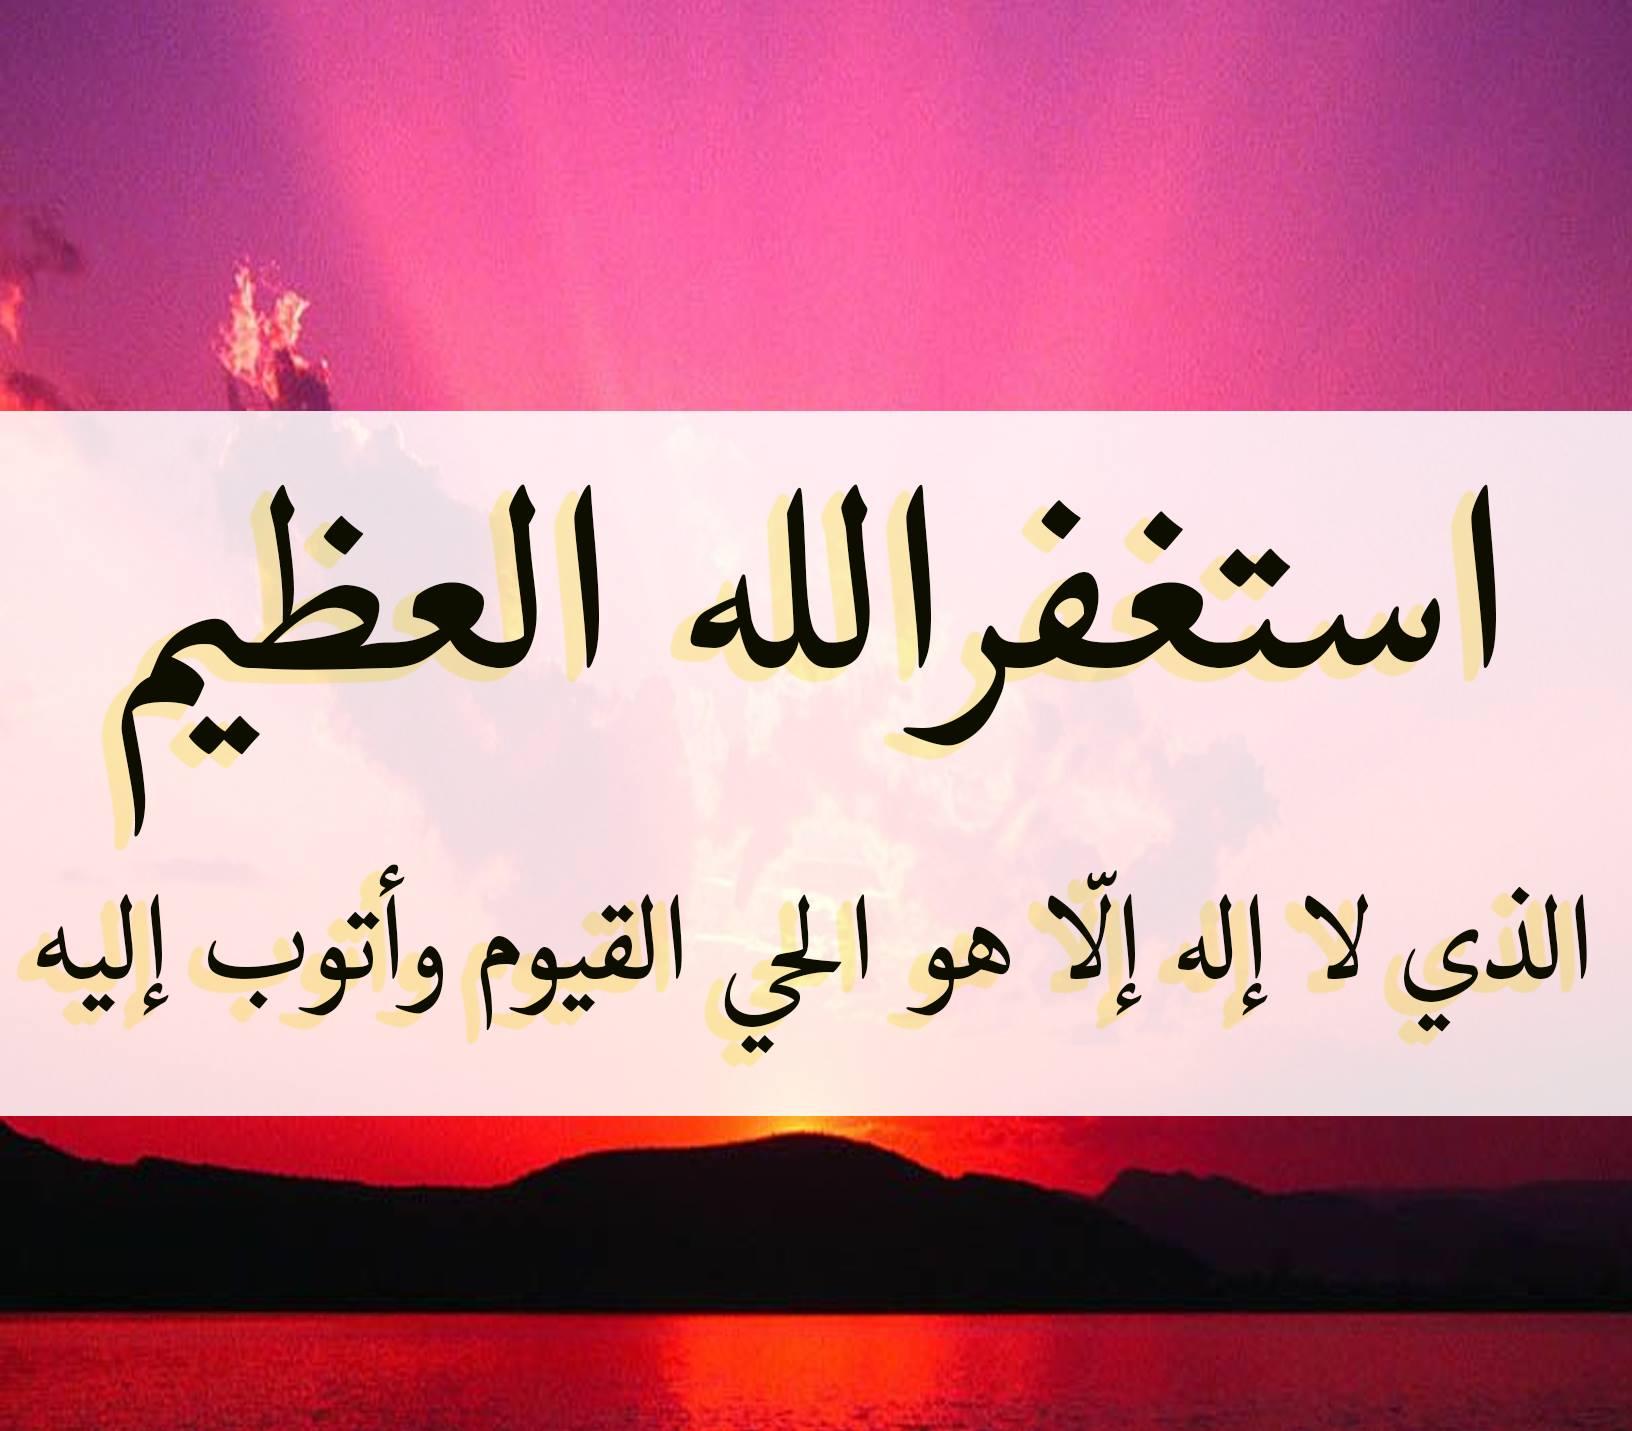 بالصور صور دينيه جميله , خلفيات وادعيه دينيه 4237 7